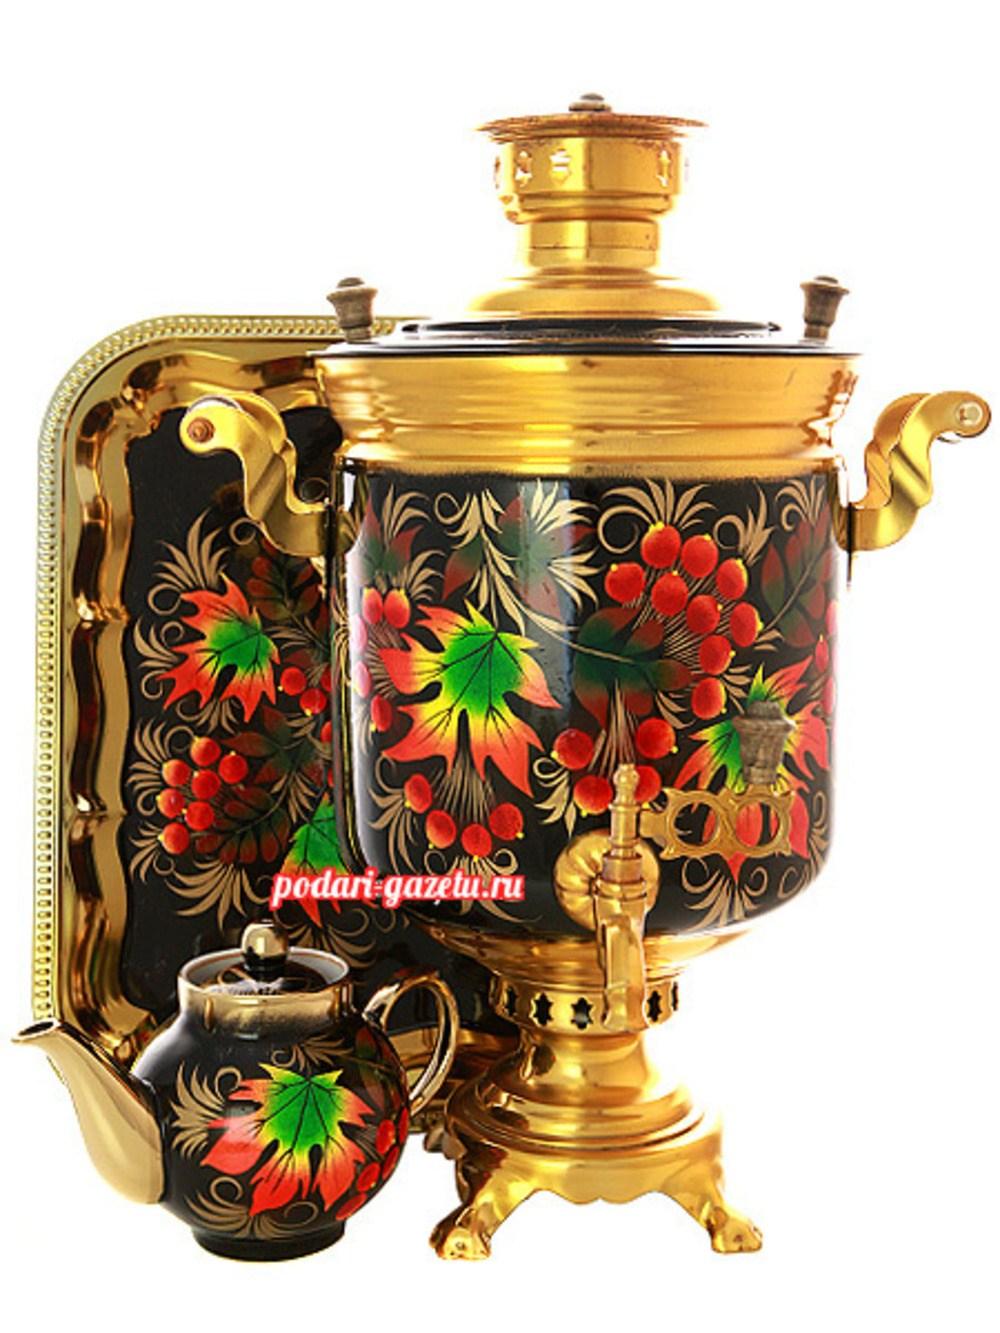 Набор: Тульский угольный самовар (жаровый, дровяной) на 5 литров, цилиндр с художественной росписью Клен